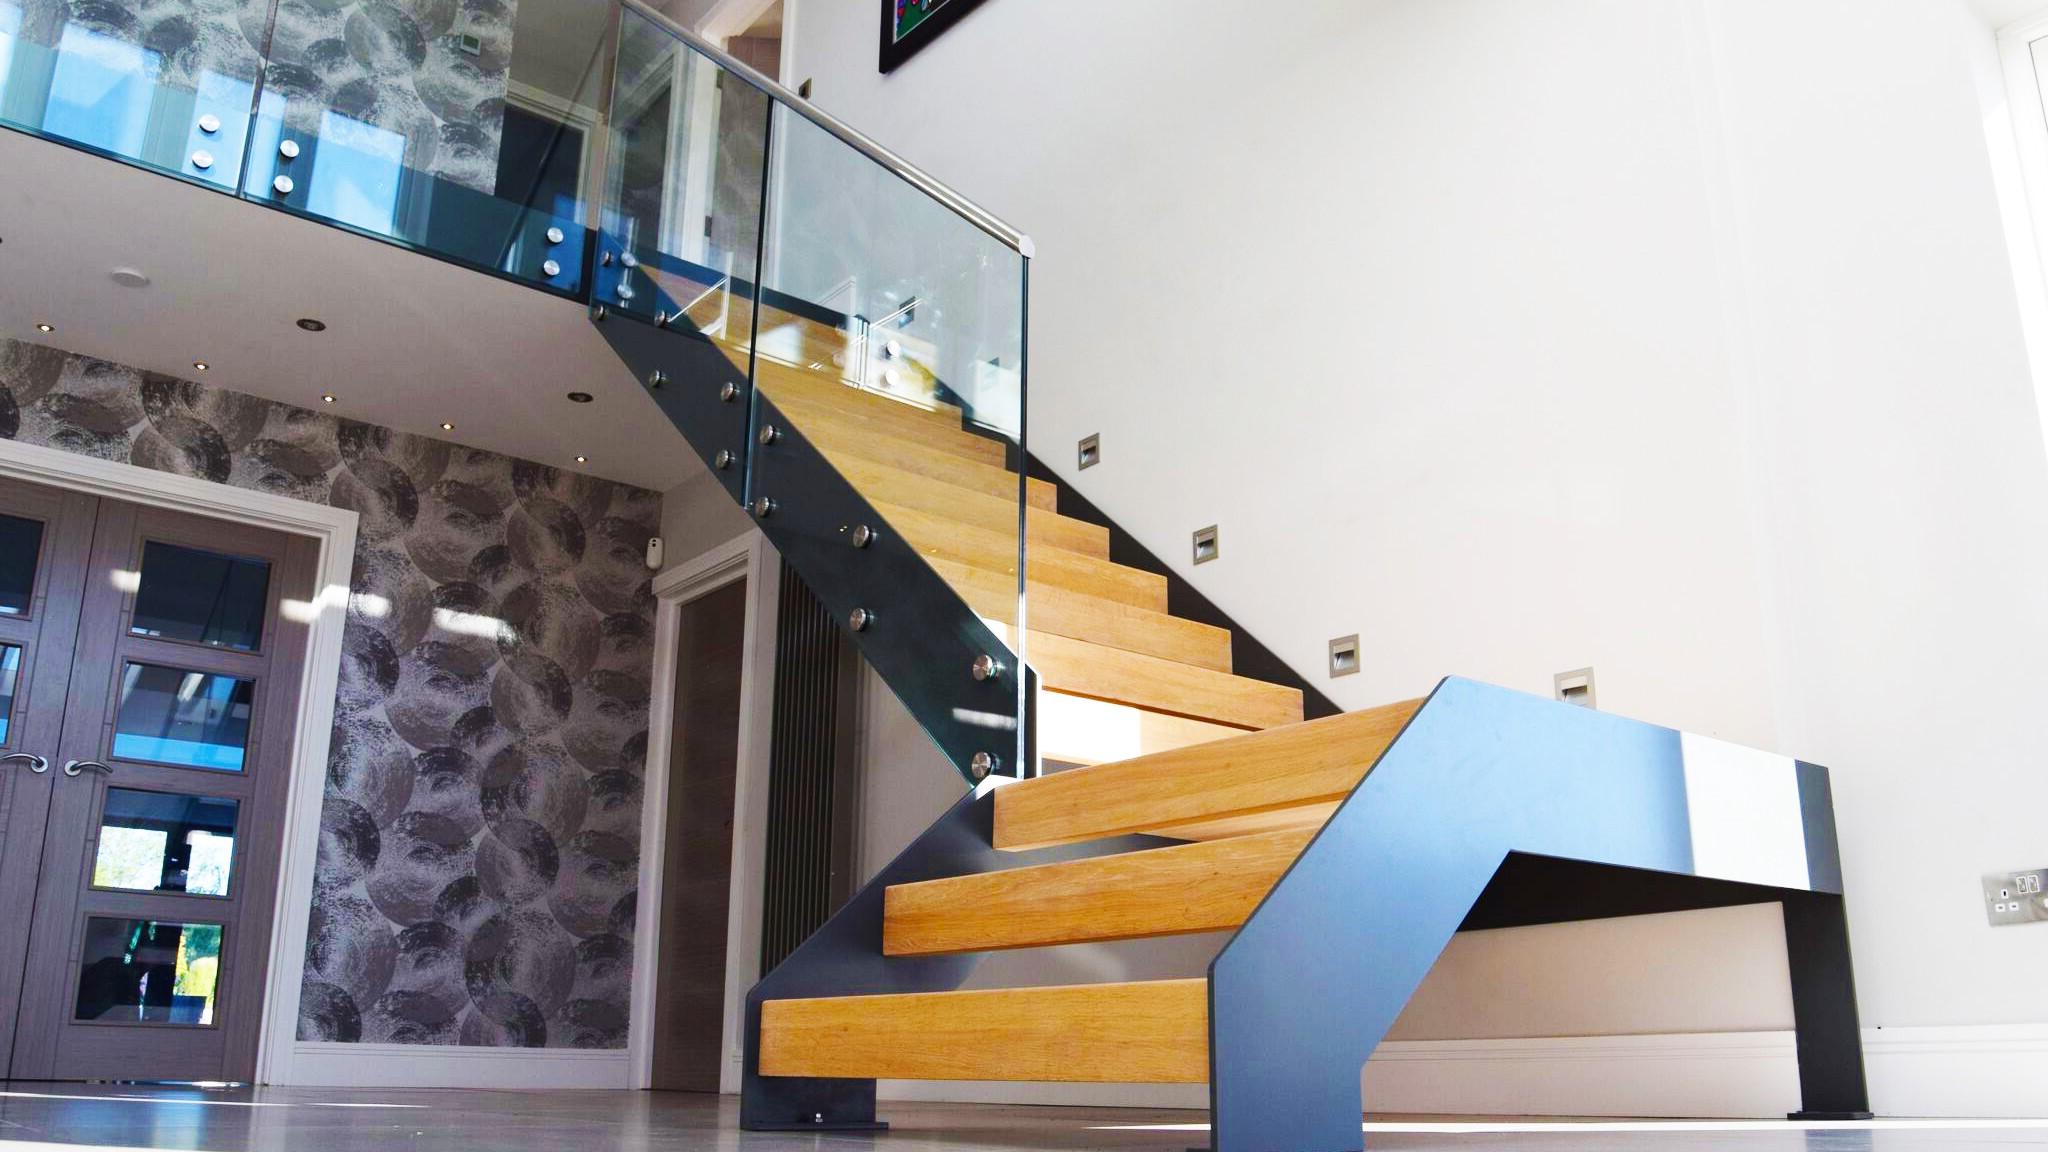 Mélangez le bois et le verre pour un look moderne.